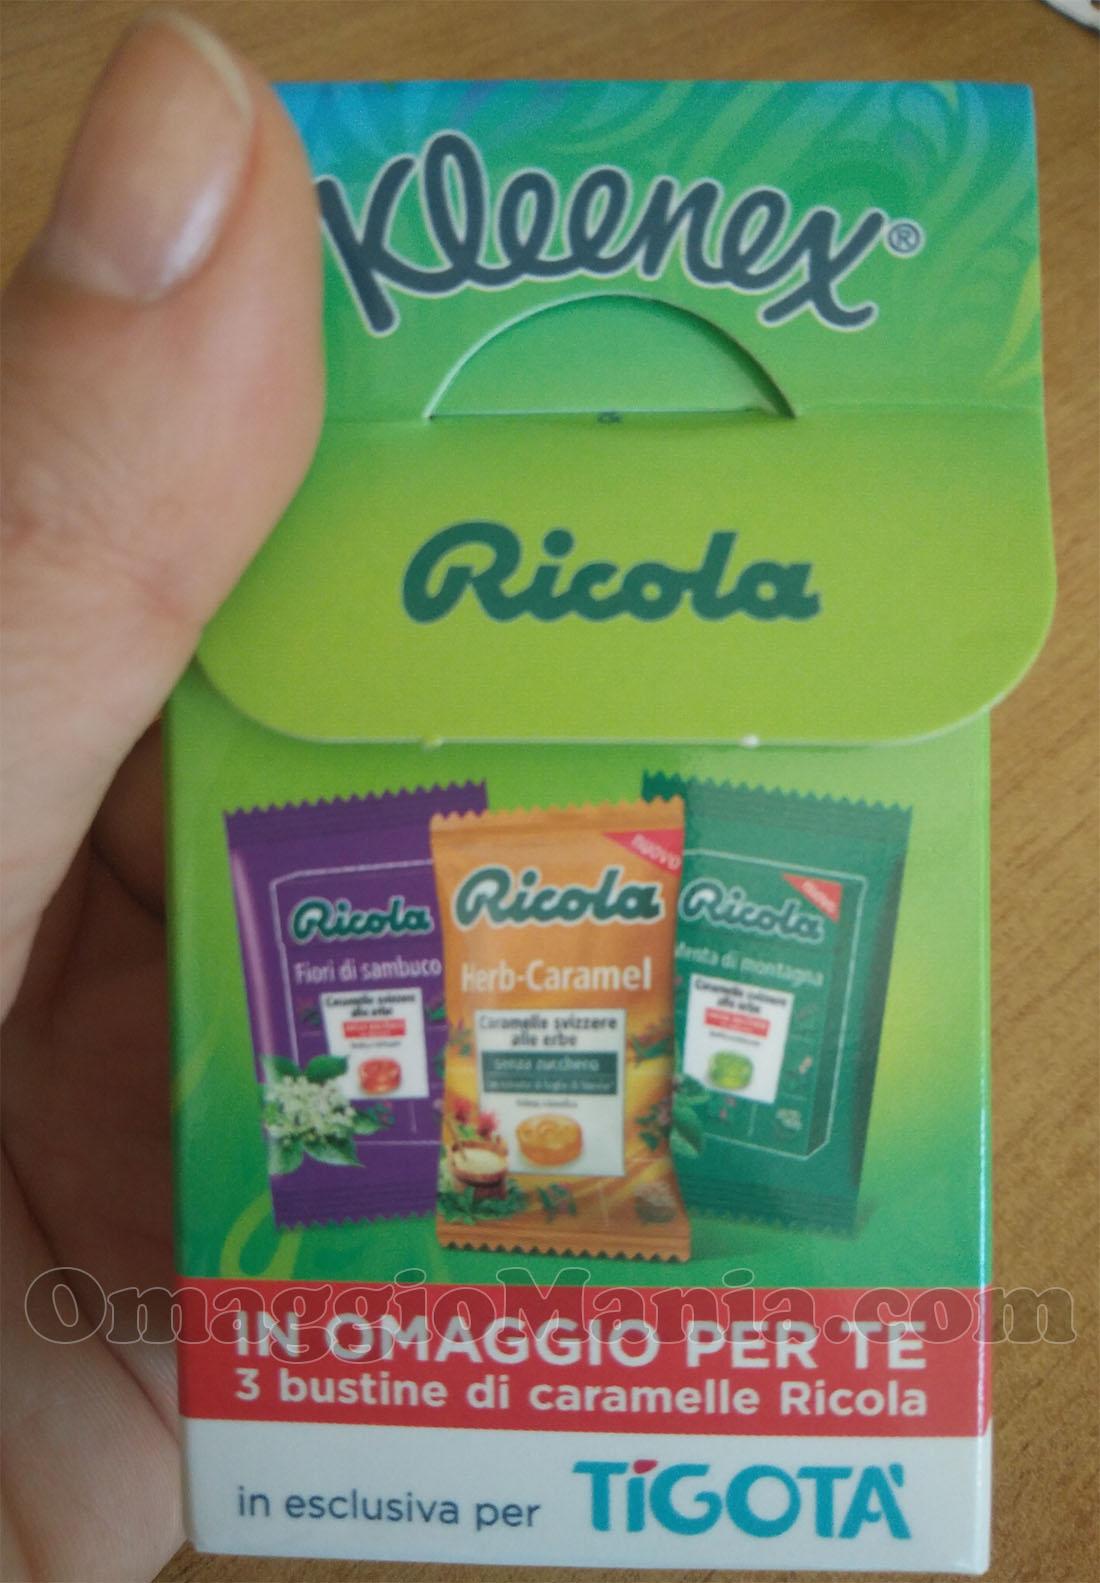 Caramelle Ricola omaggio con Kleenex da Tigotà